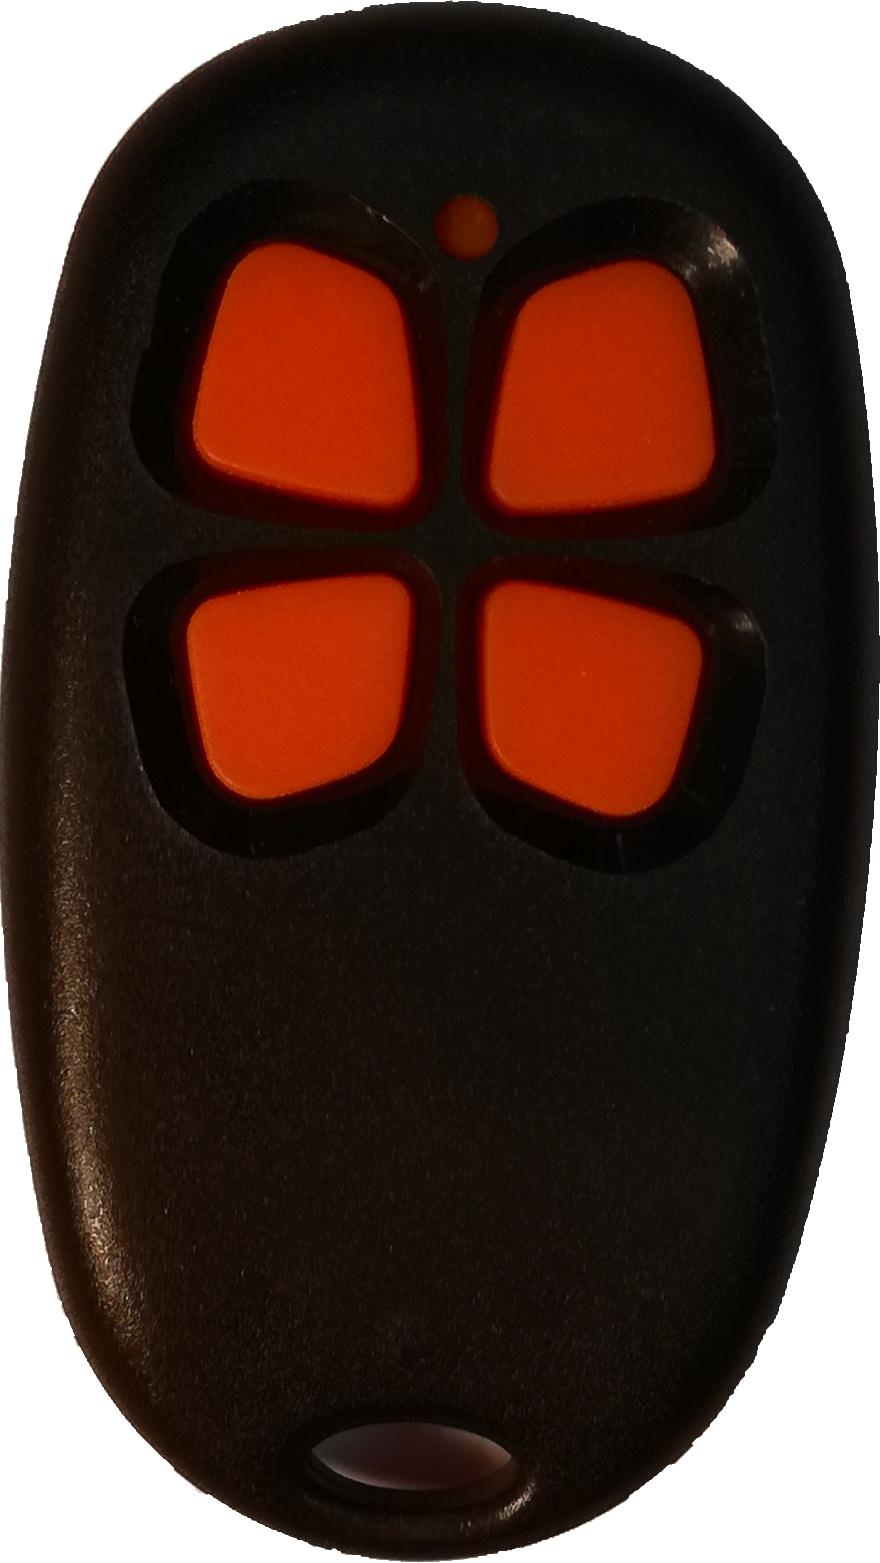 télécommande noire à boutons orange